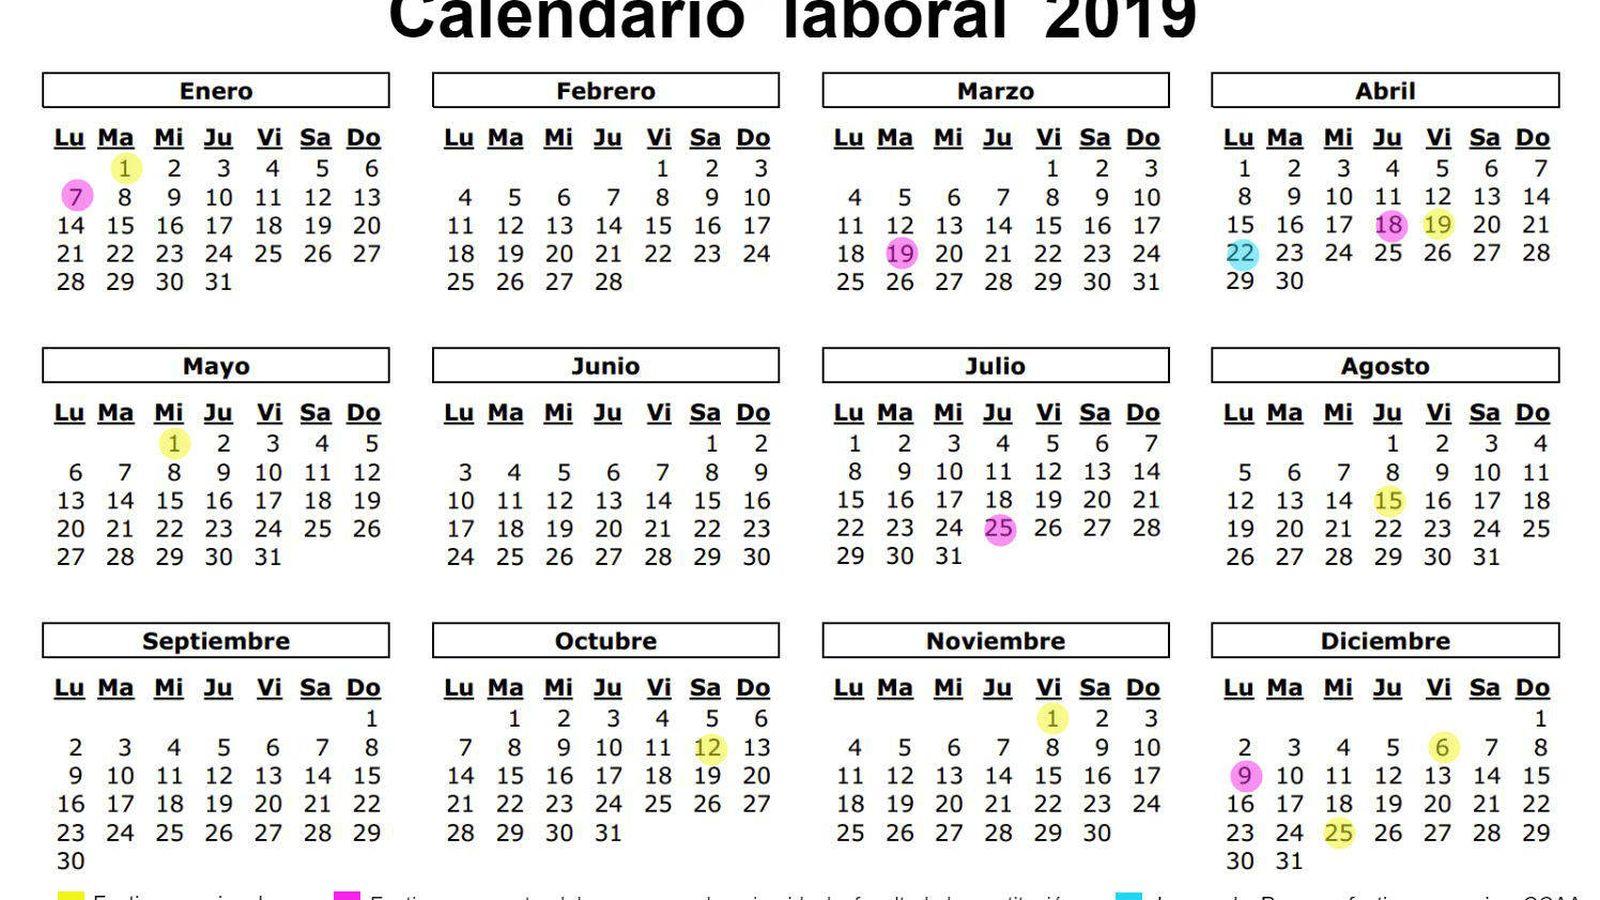 Calendario Laboral 2019 Andalucia.Calendario Laboral De 2019 Ocho Festivos Nacionales Y Solo Un Gran